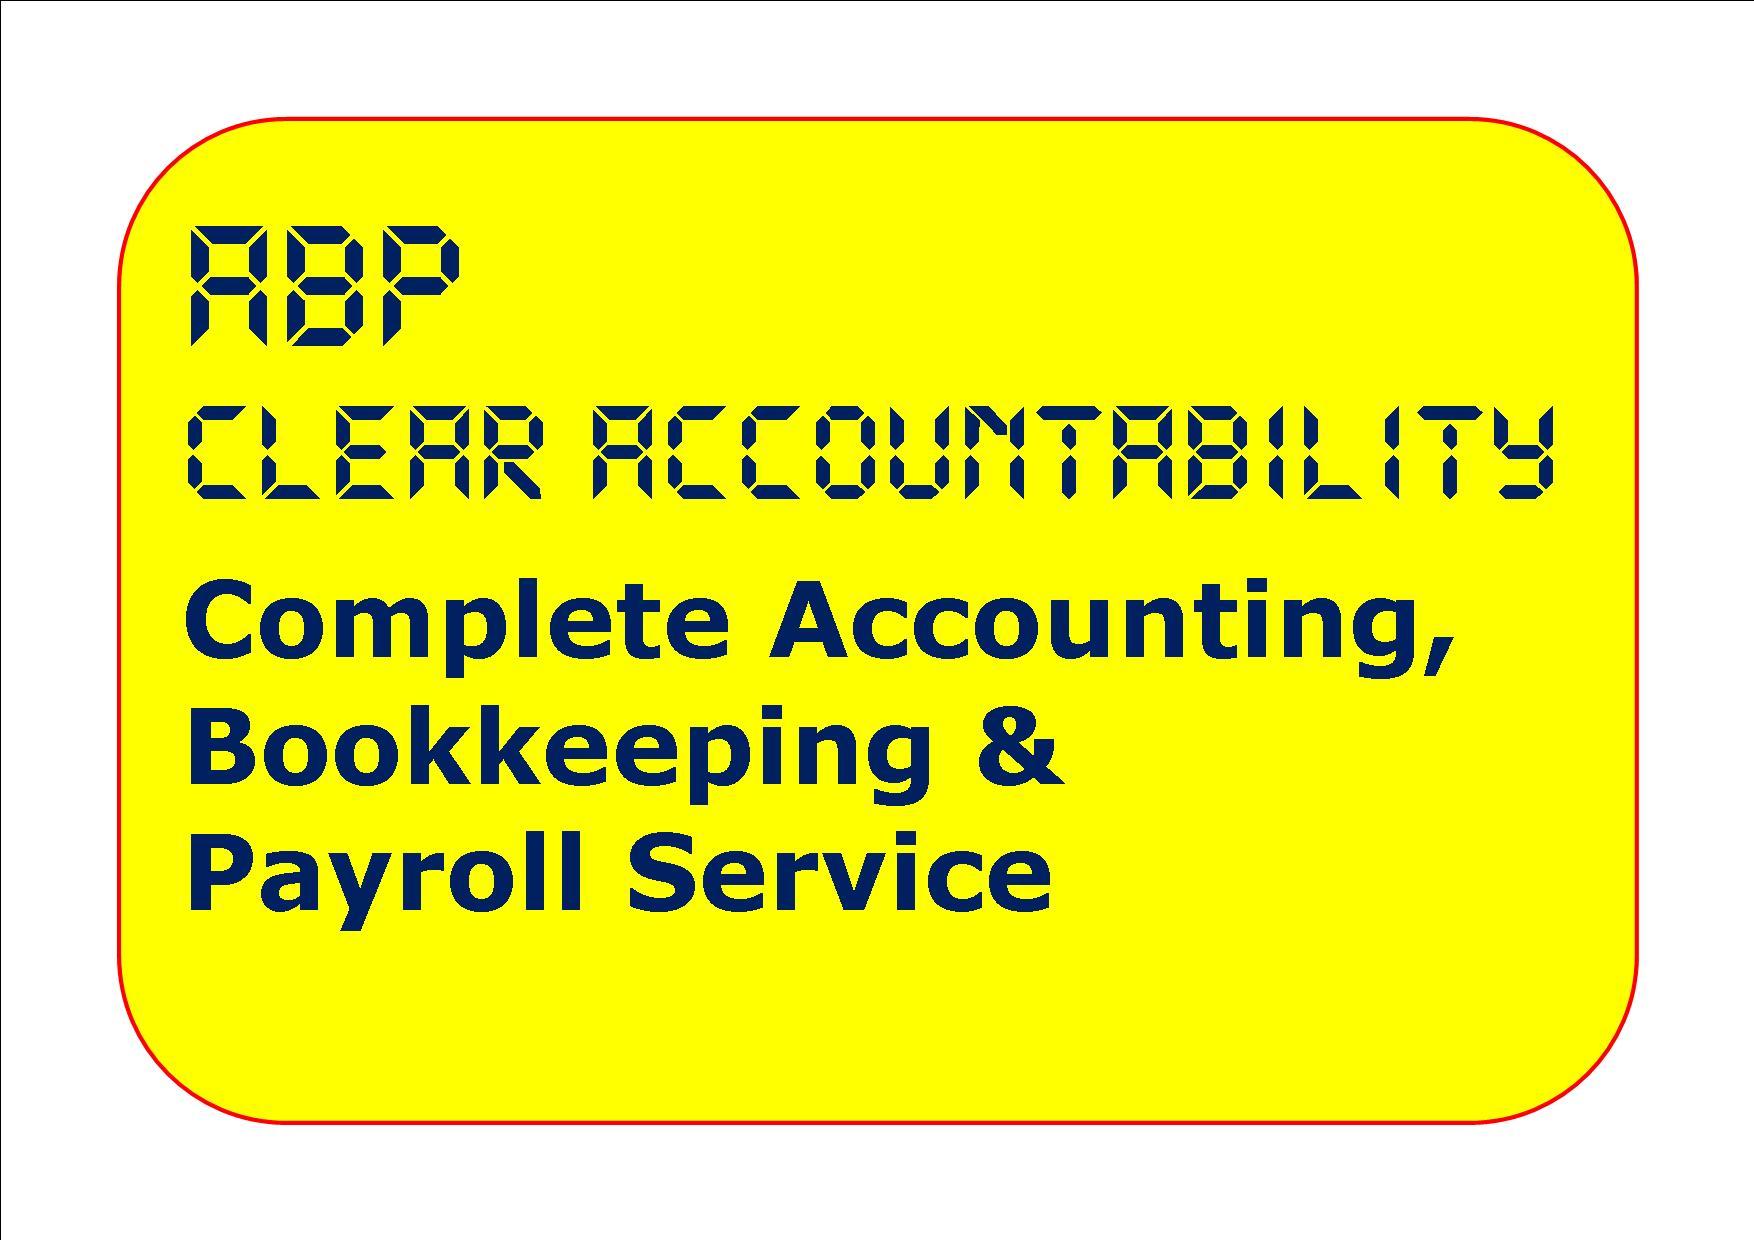 ABP Clear Accountability